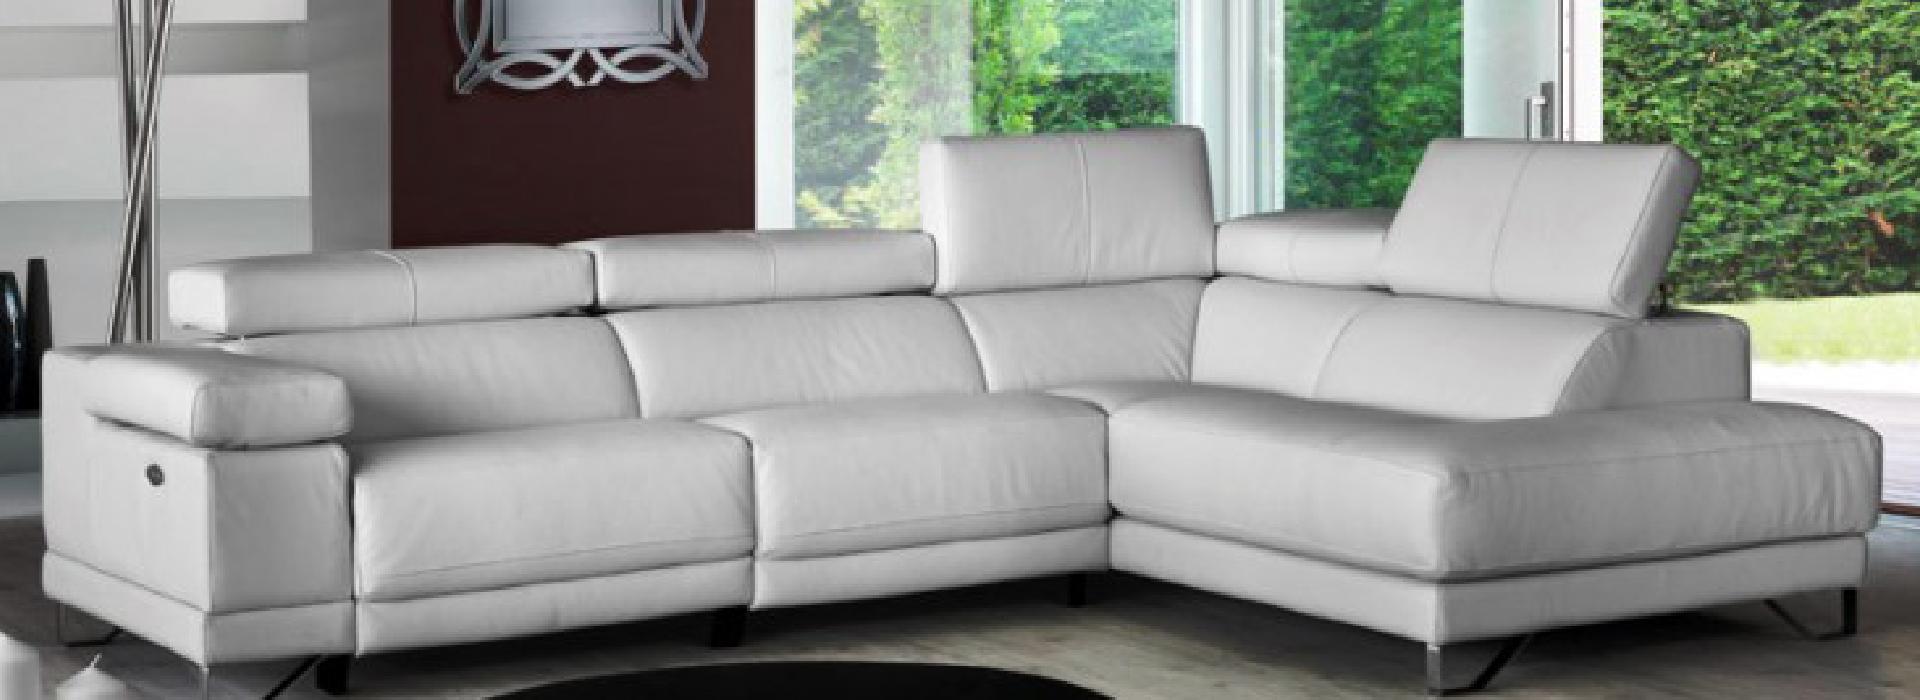 Reparacion sofas de piel stunning reparar cuero for Sofas y sillones de piel